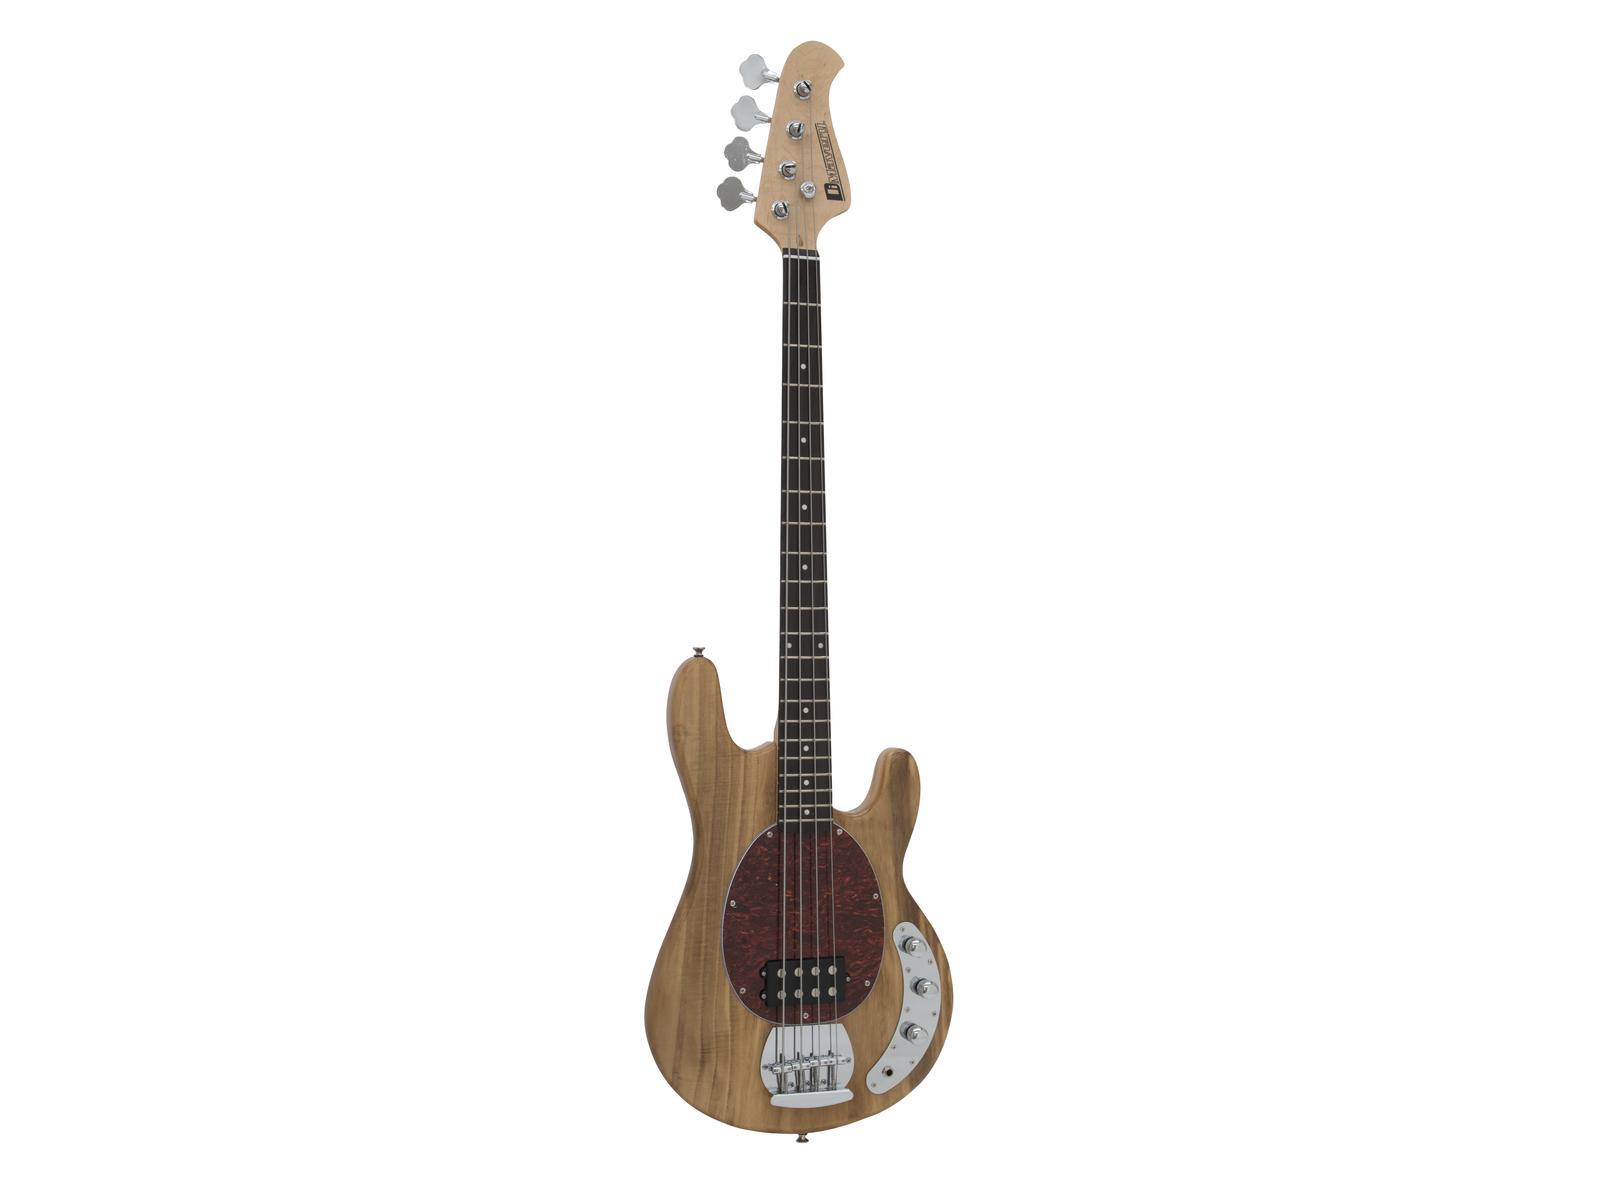 Dimavery MM-501, baskytara elektrická, přírodní